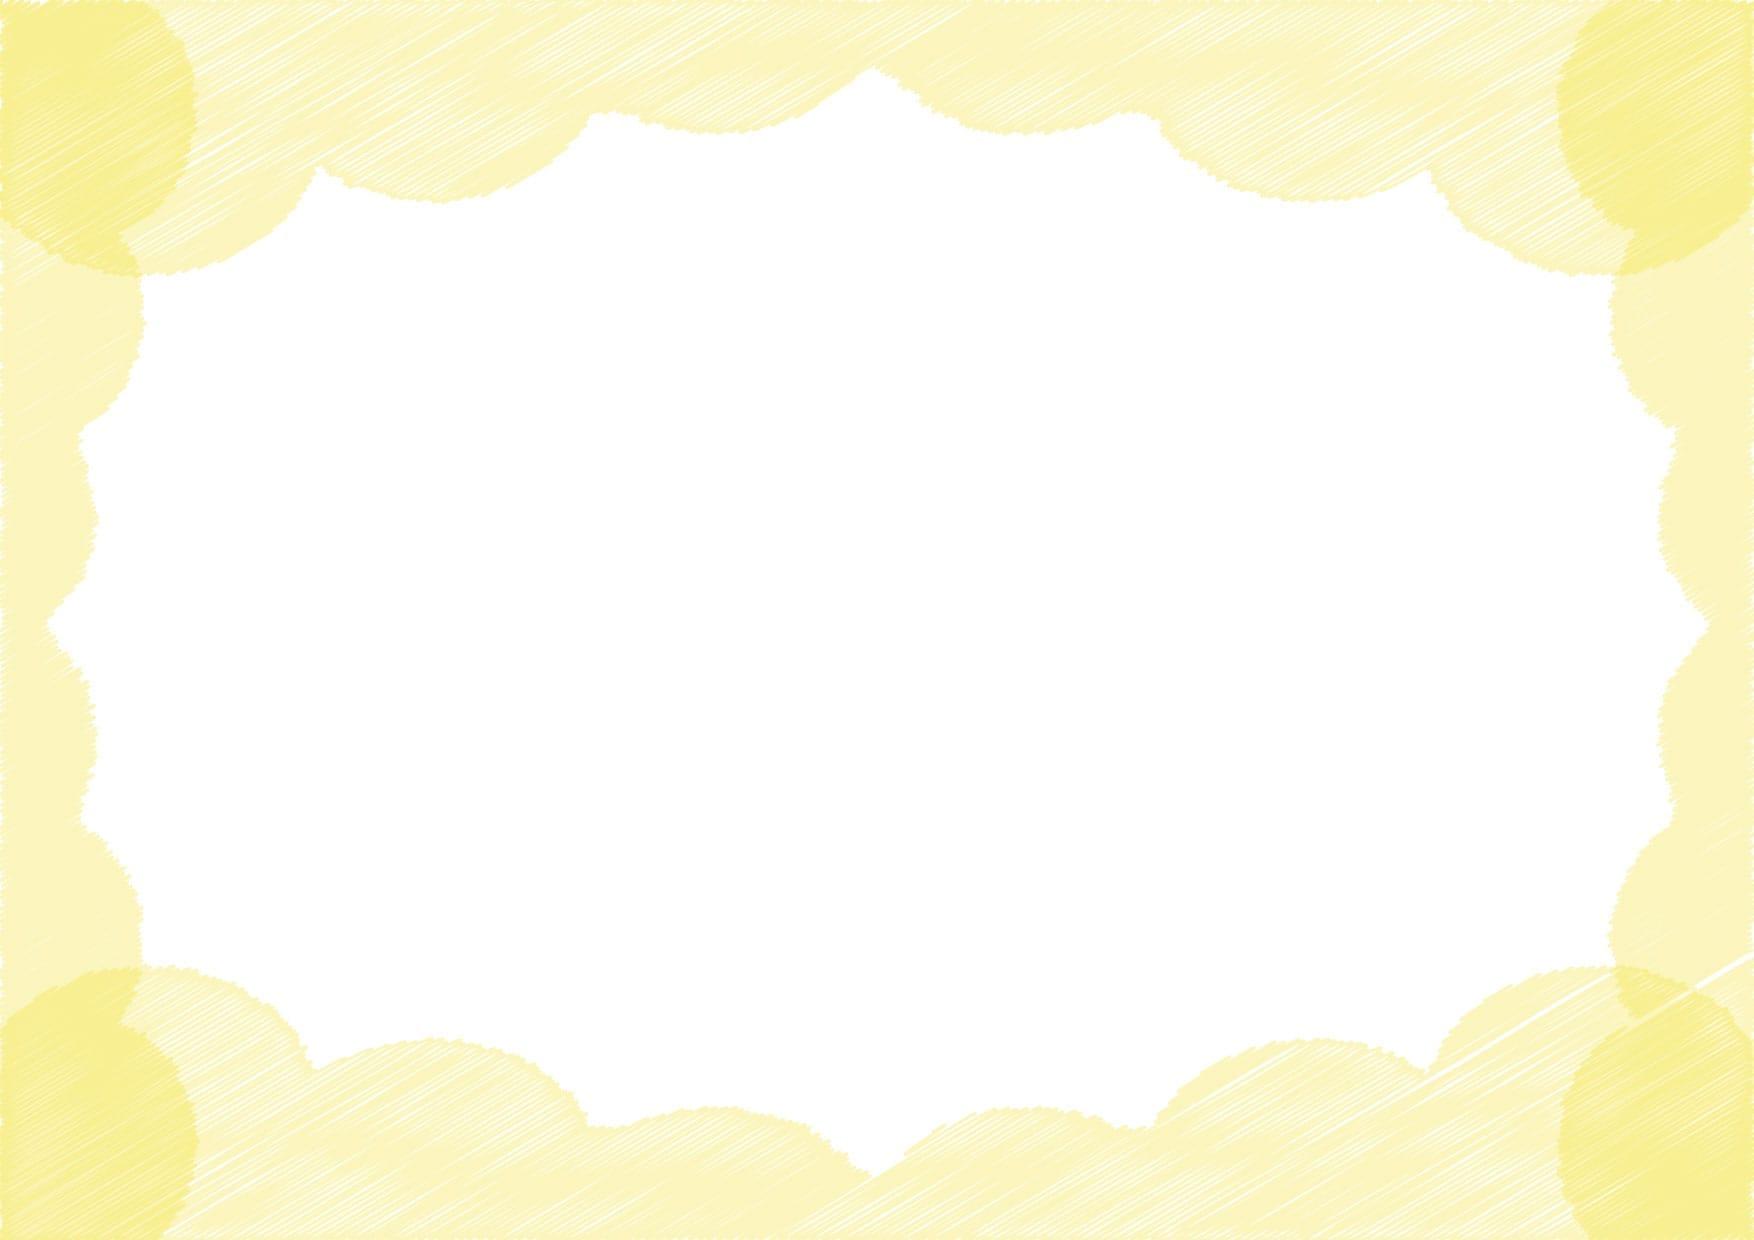 雲 ラフ 黄色 イラスト 無料